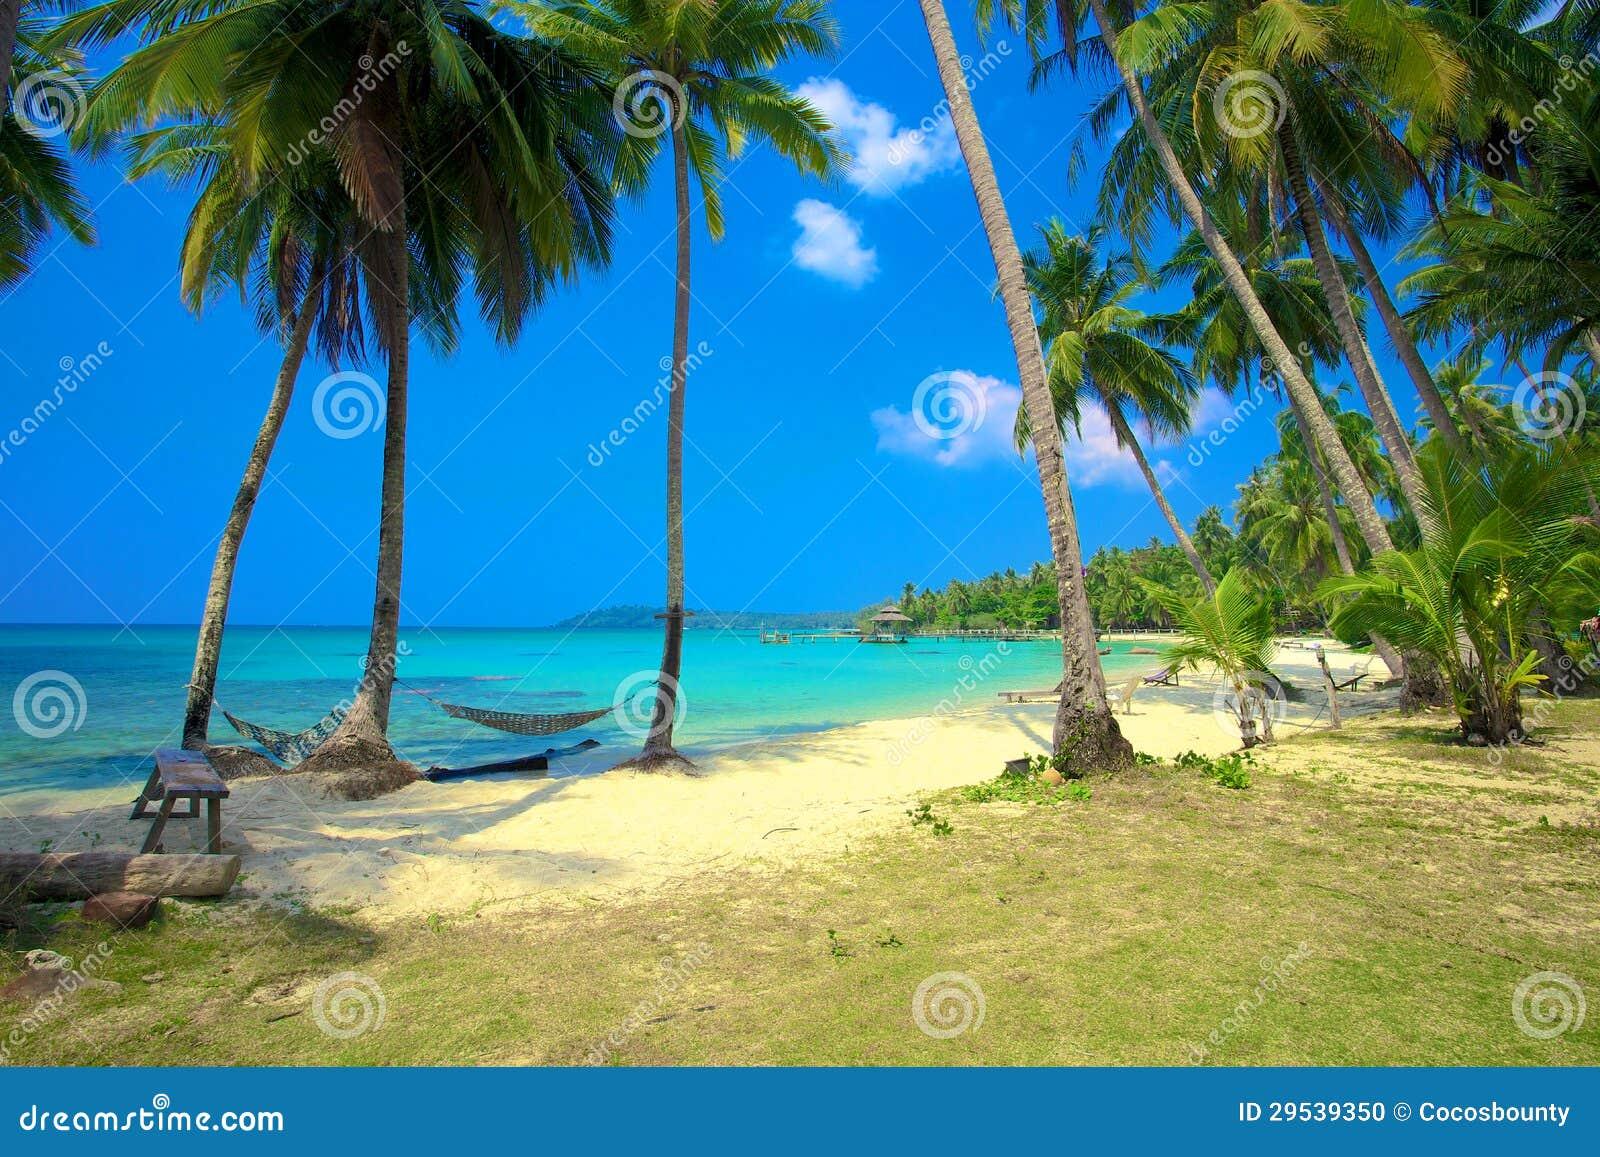 Dos hamacas en una playa tropical foto de archivo imagen - Hamacas de playa ...